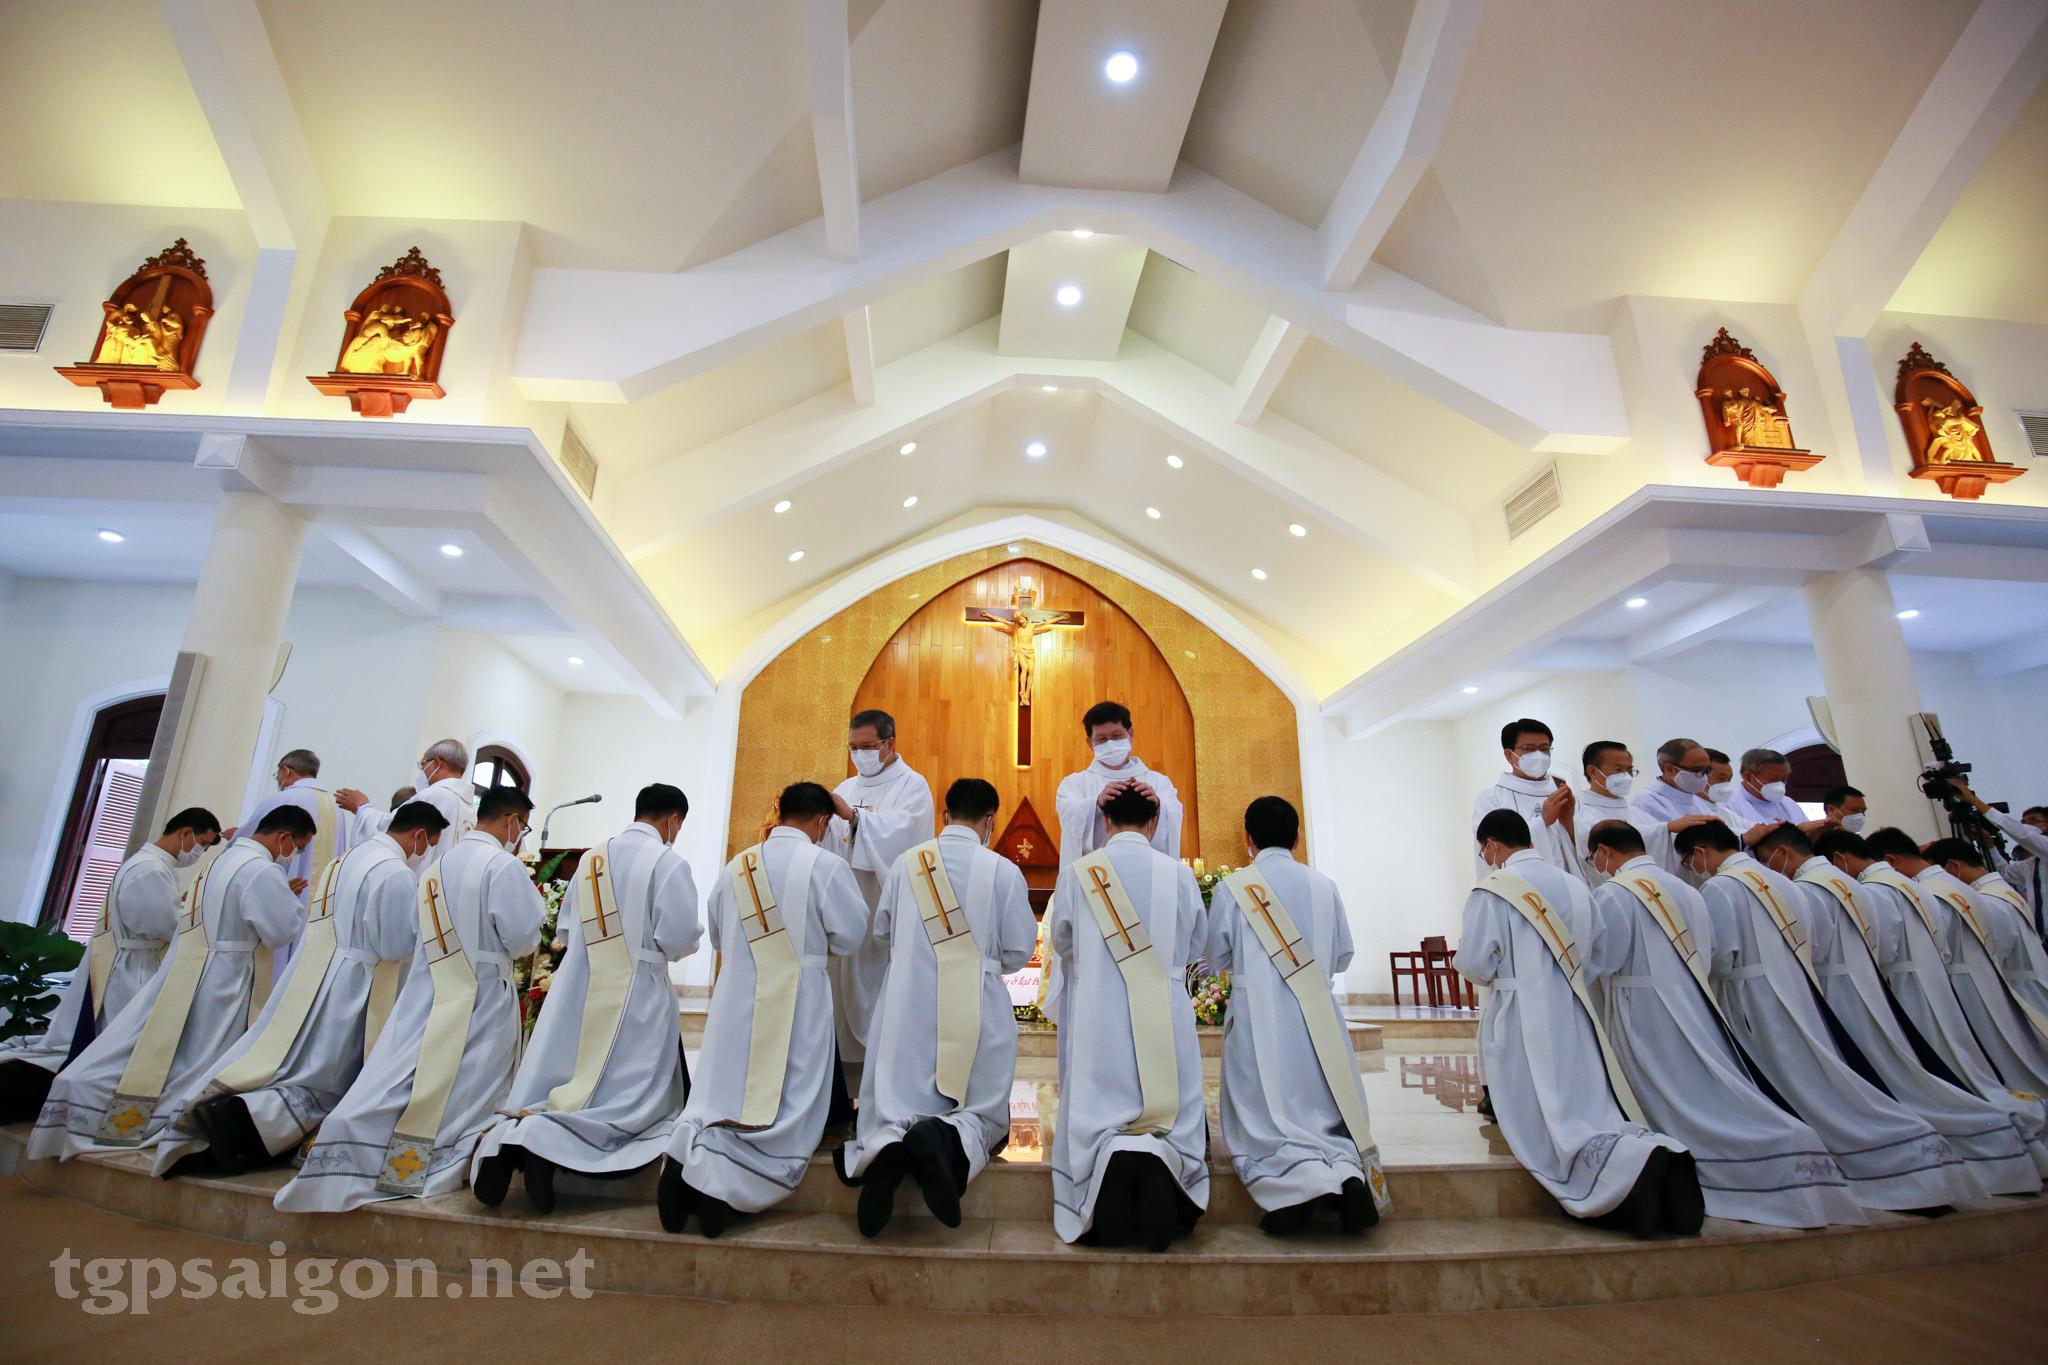 TGP Sài Gòn: Thánh lễ Truyền chức Linh mục ngày 16-10-2021